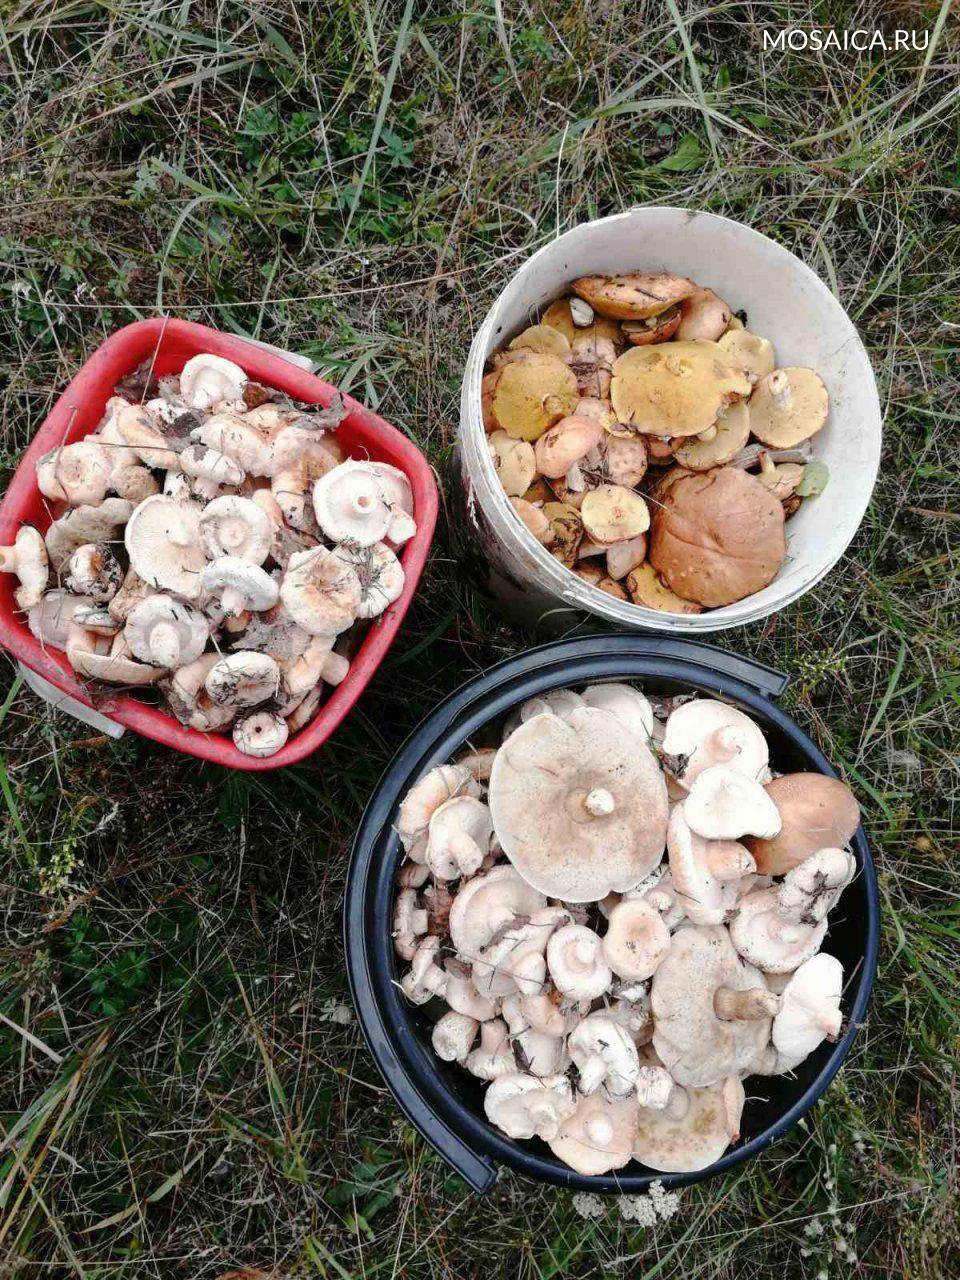 Грибы нижегородской области 2021: когда и где собирать, сезоны и грибные места